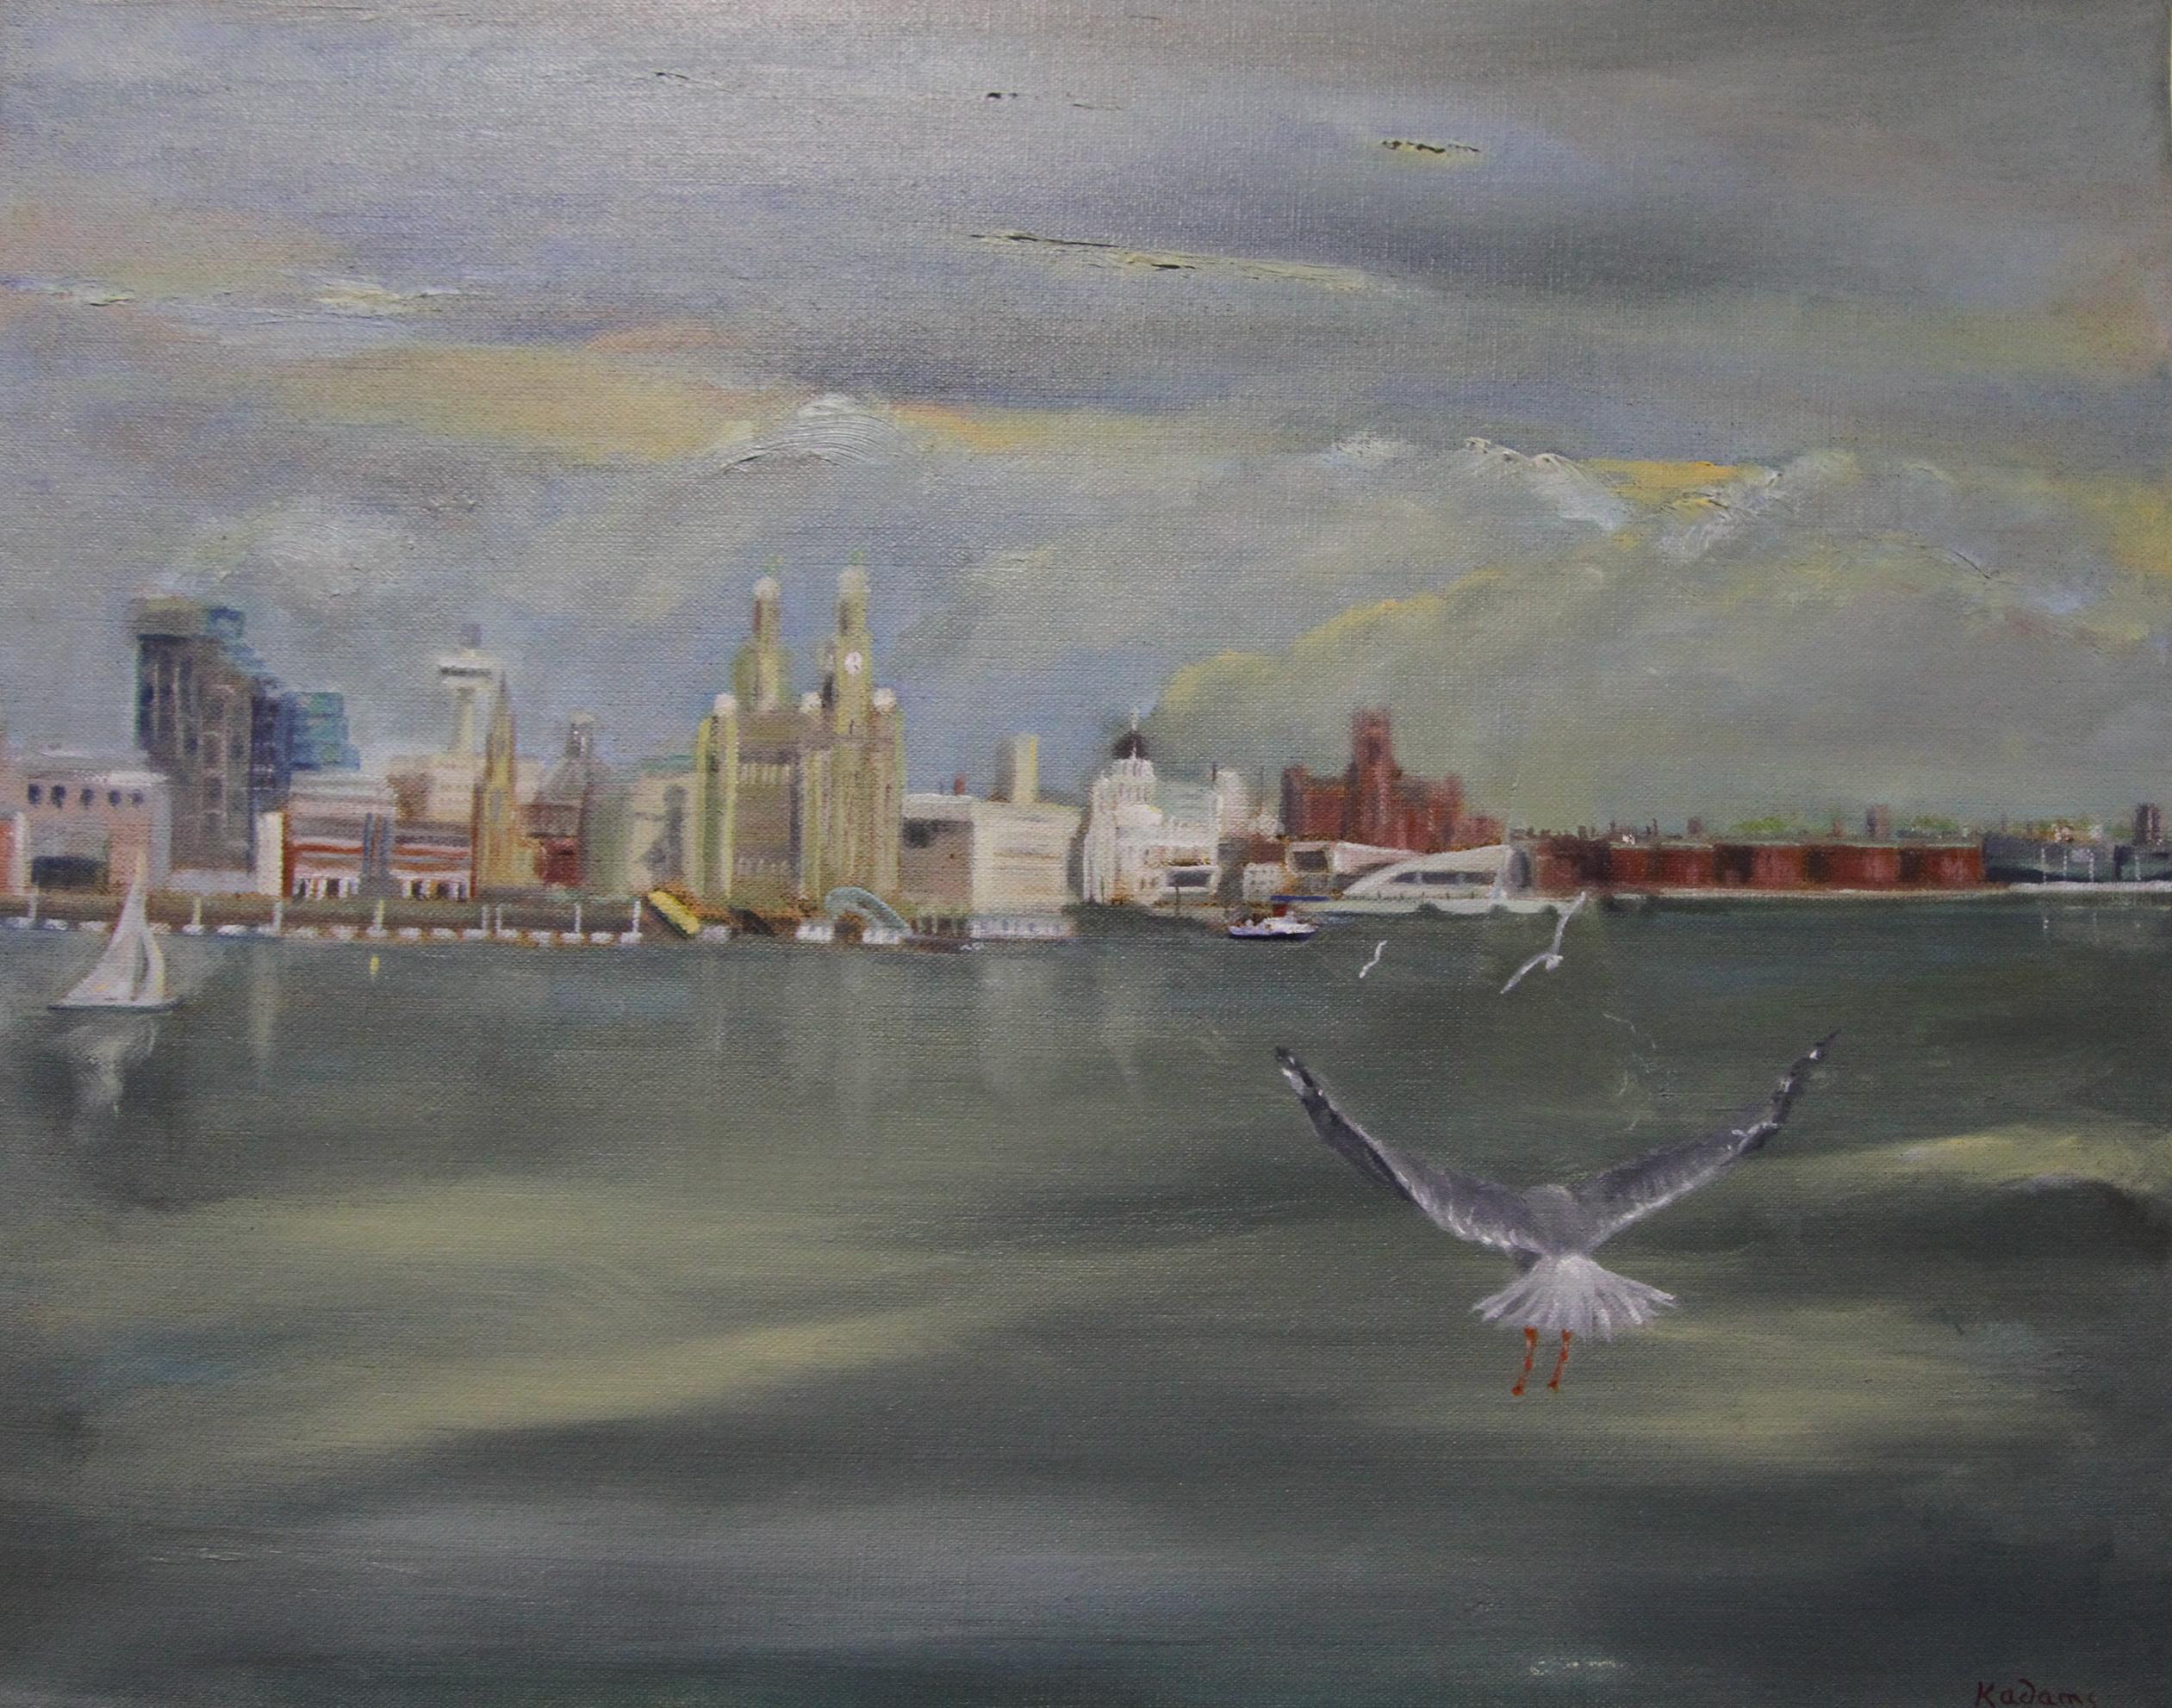 Aerial Port